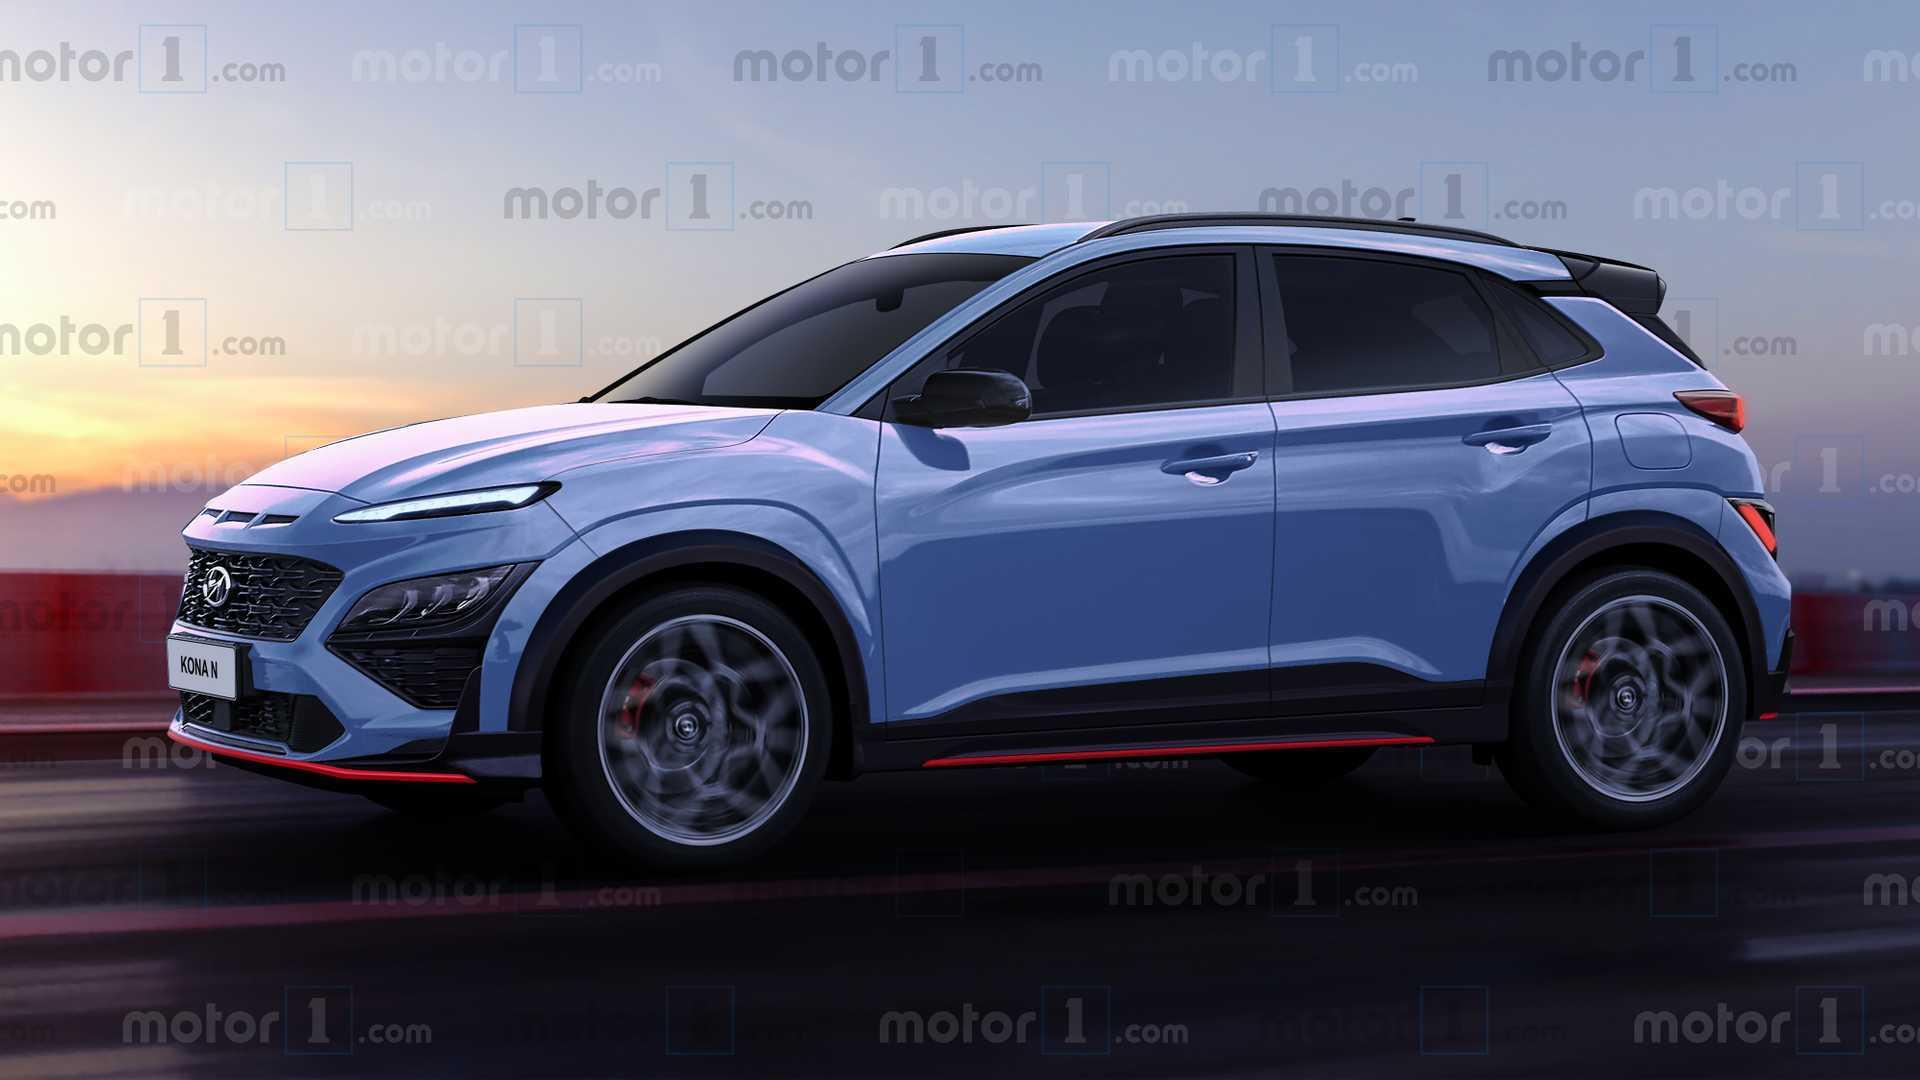 2021 Hyundai Kona N: Here's What It Could Look Like